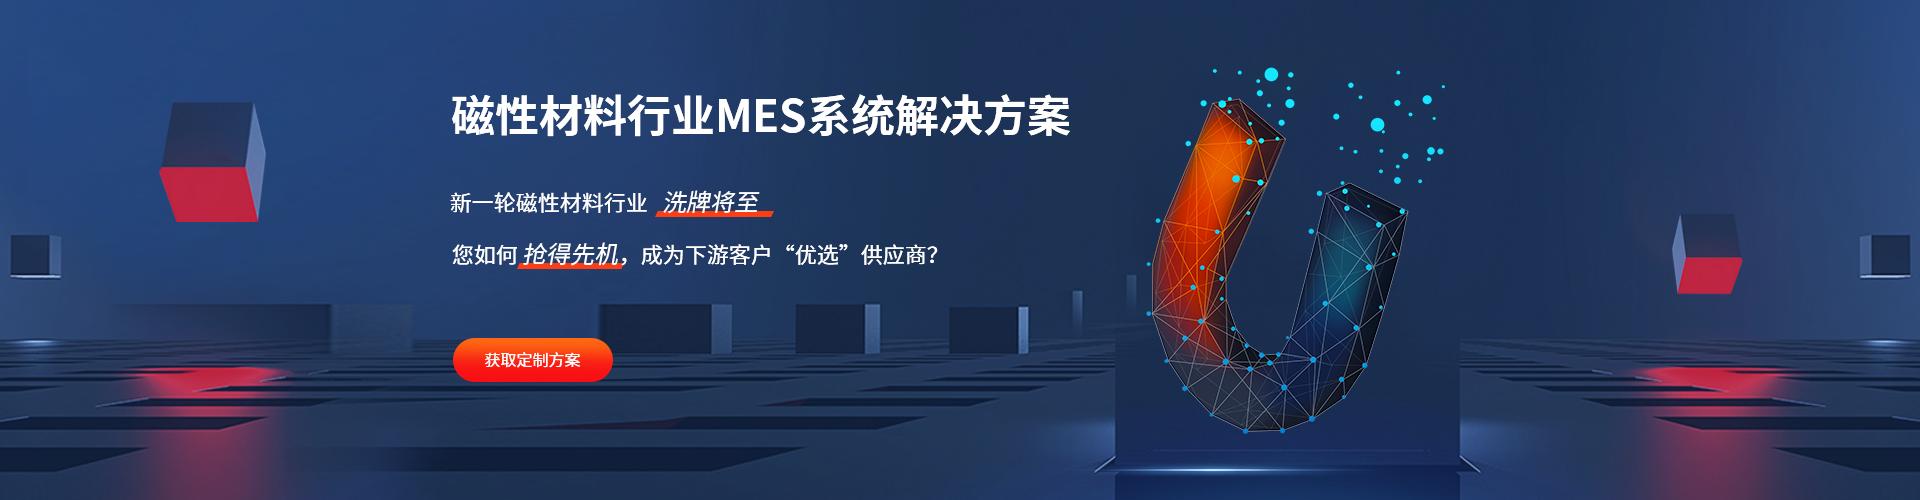 磁性材料行业MES系统解决方案